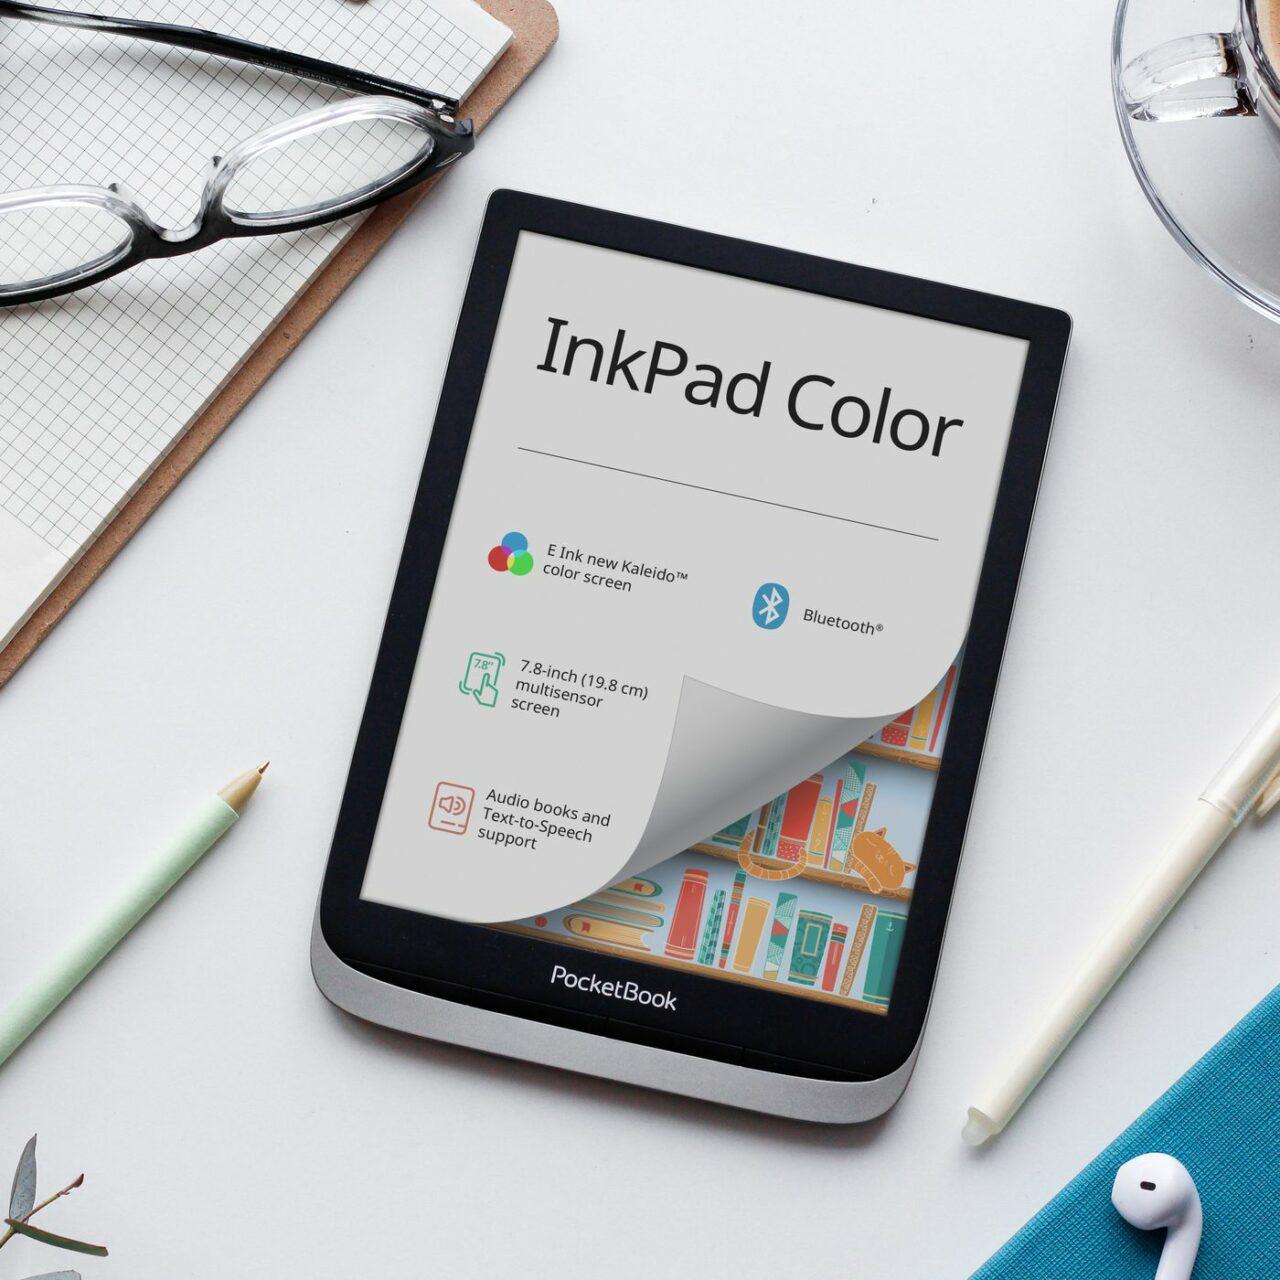 PocketBook InkPad Color, l'eReader con il nuovo pannello E-Ink a colori arriva in Europa